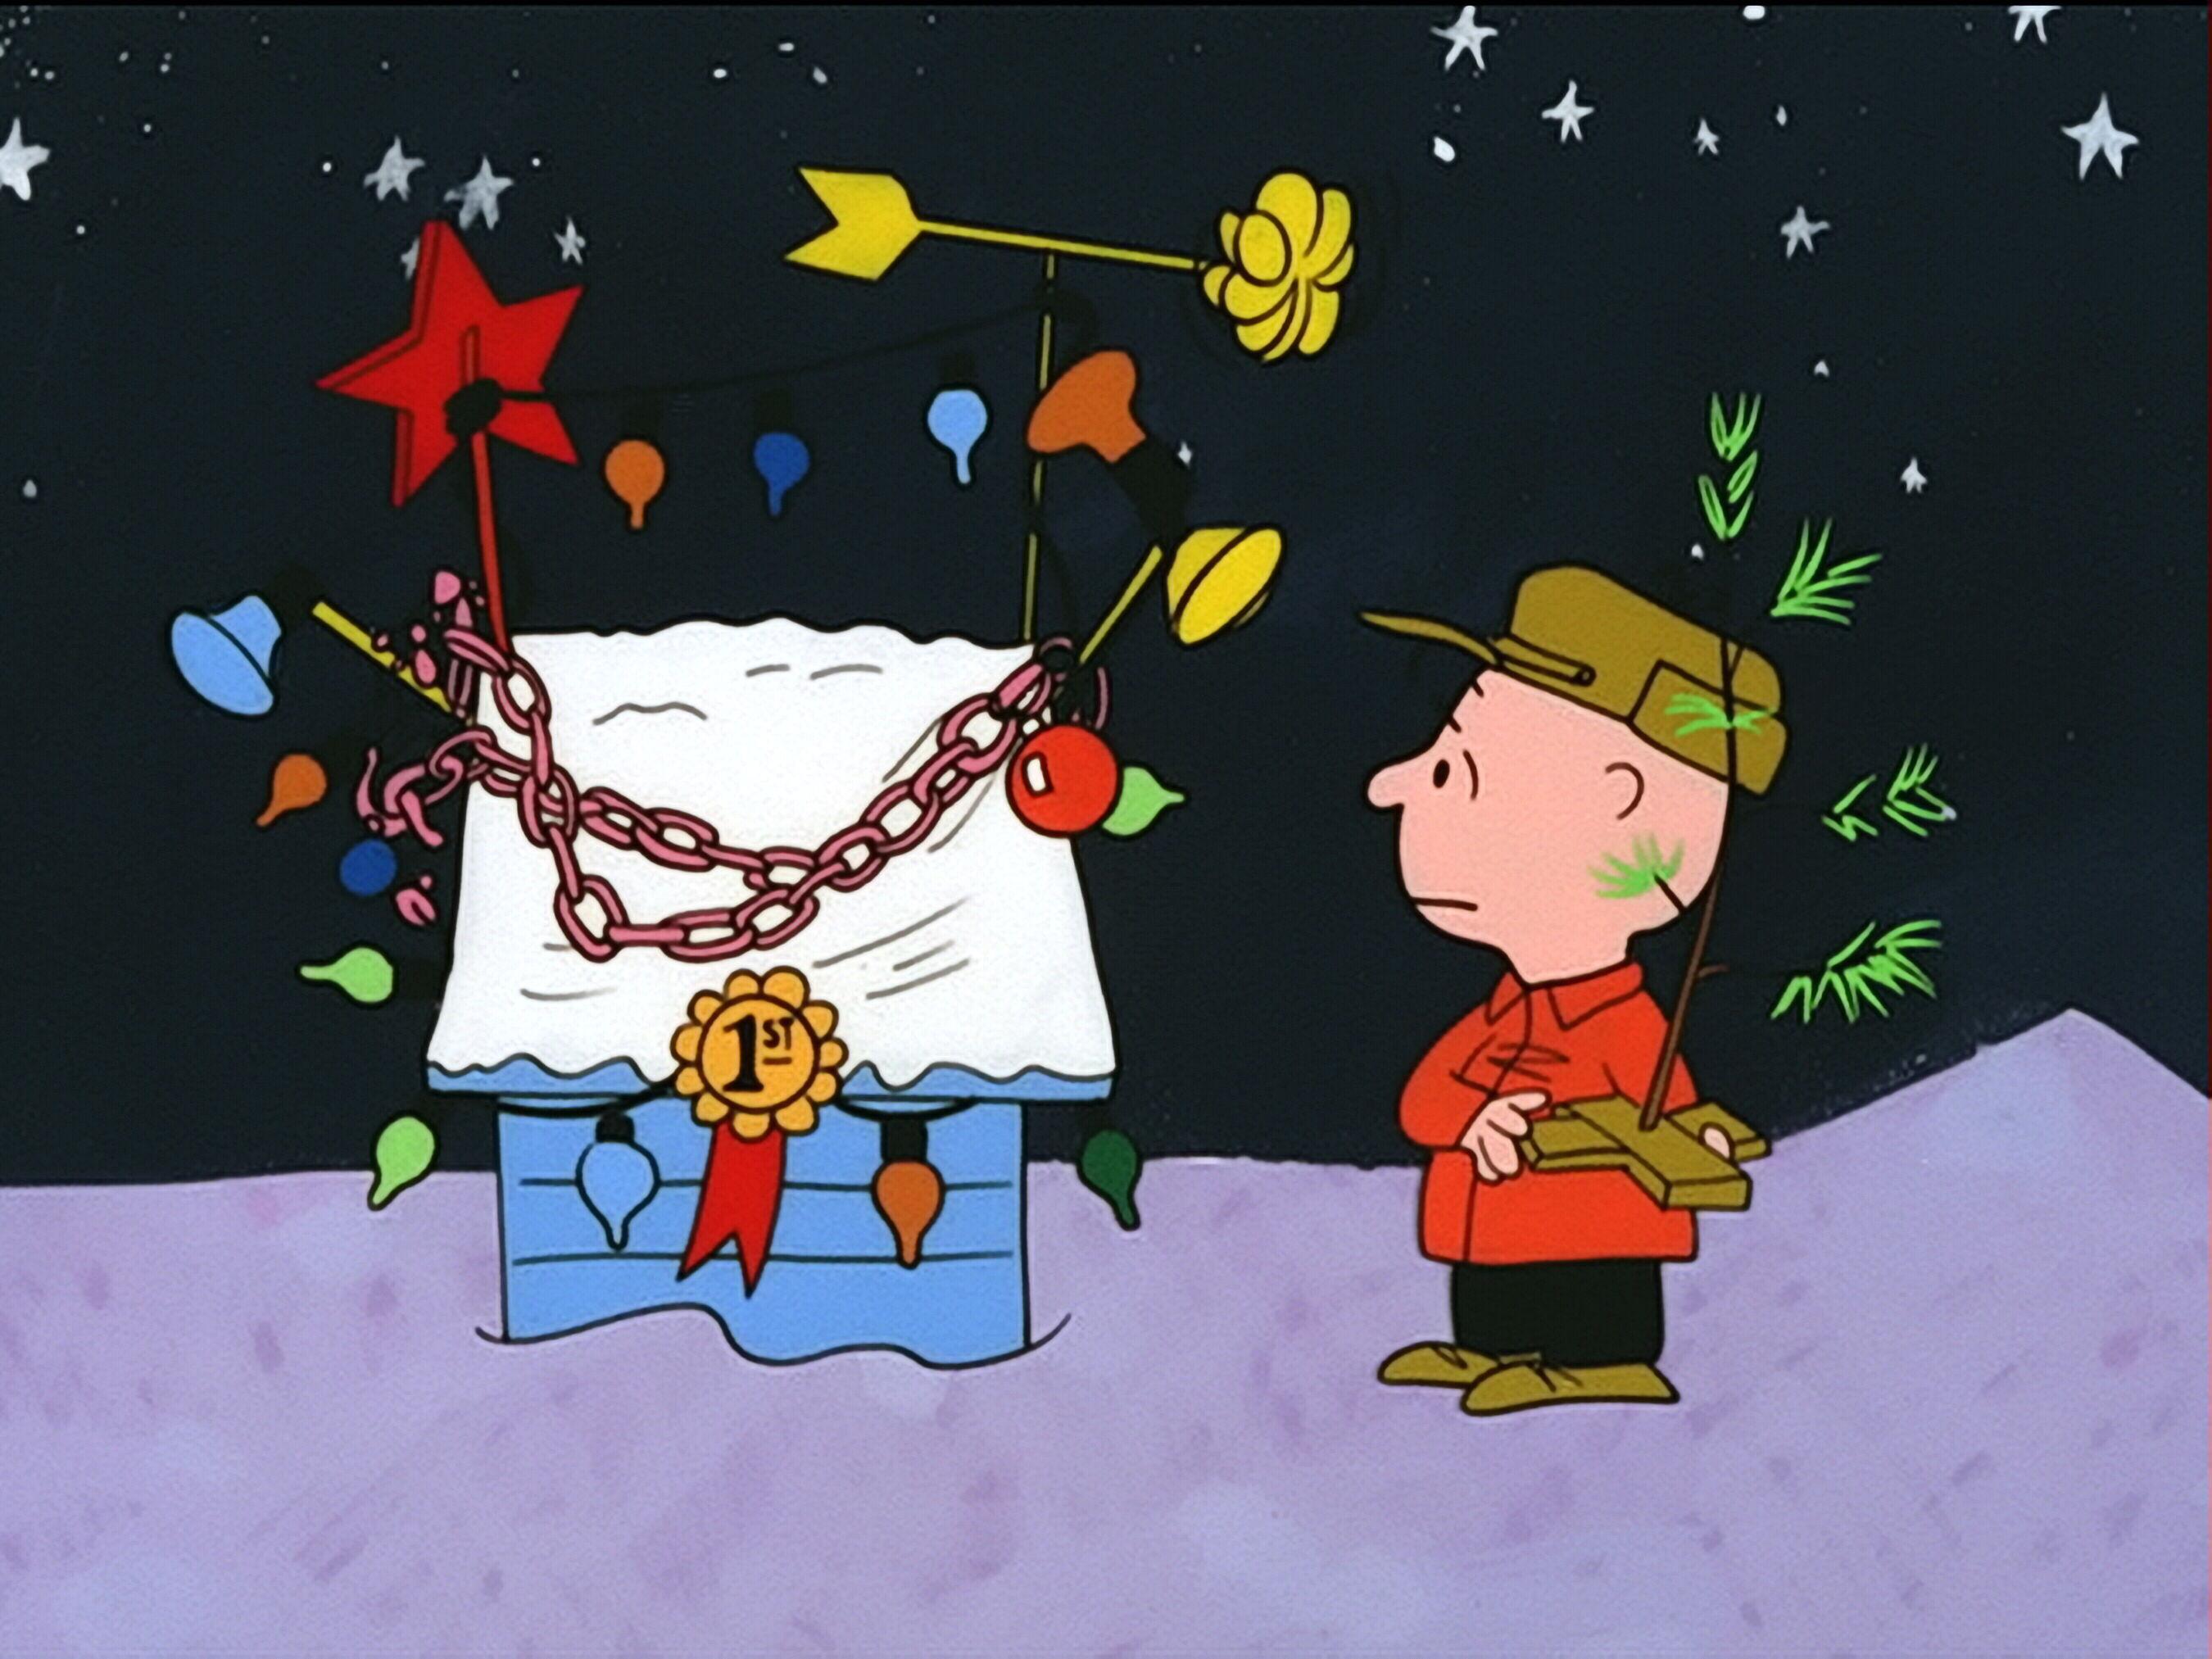 Wins First Place Christmas Cartoon Wallpaper   Christmas Cartoon 2700x2025